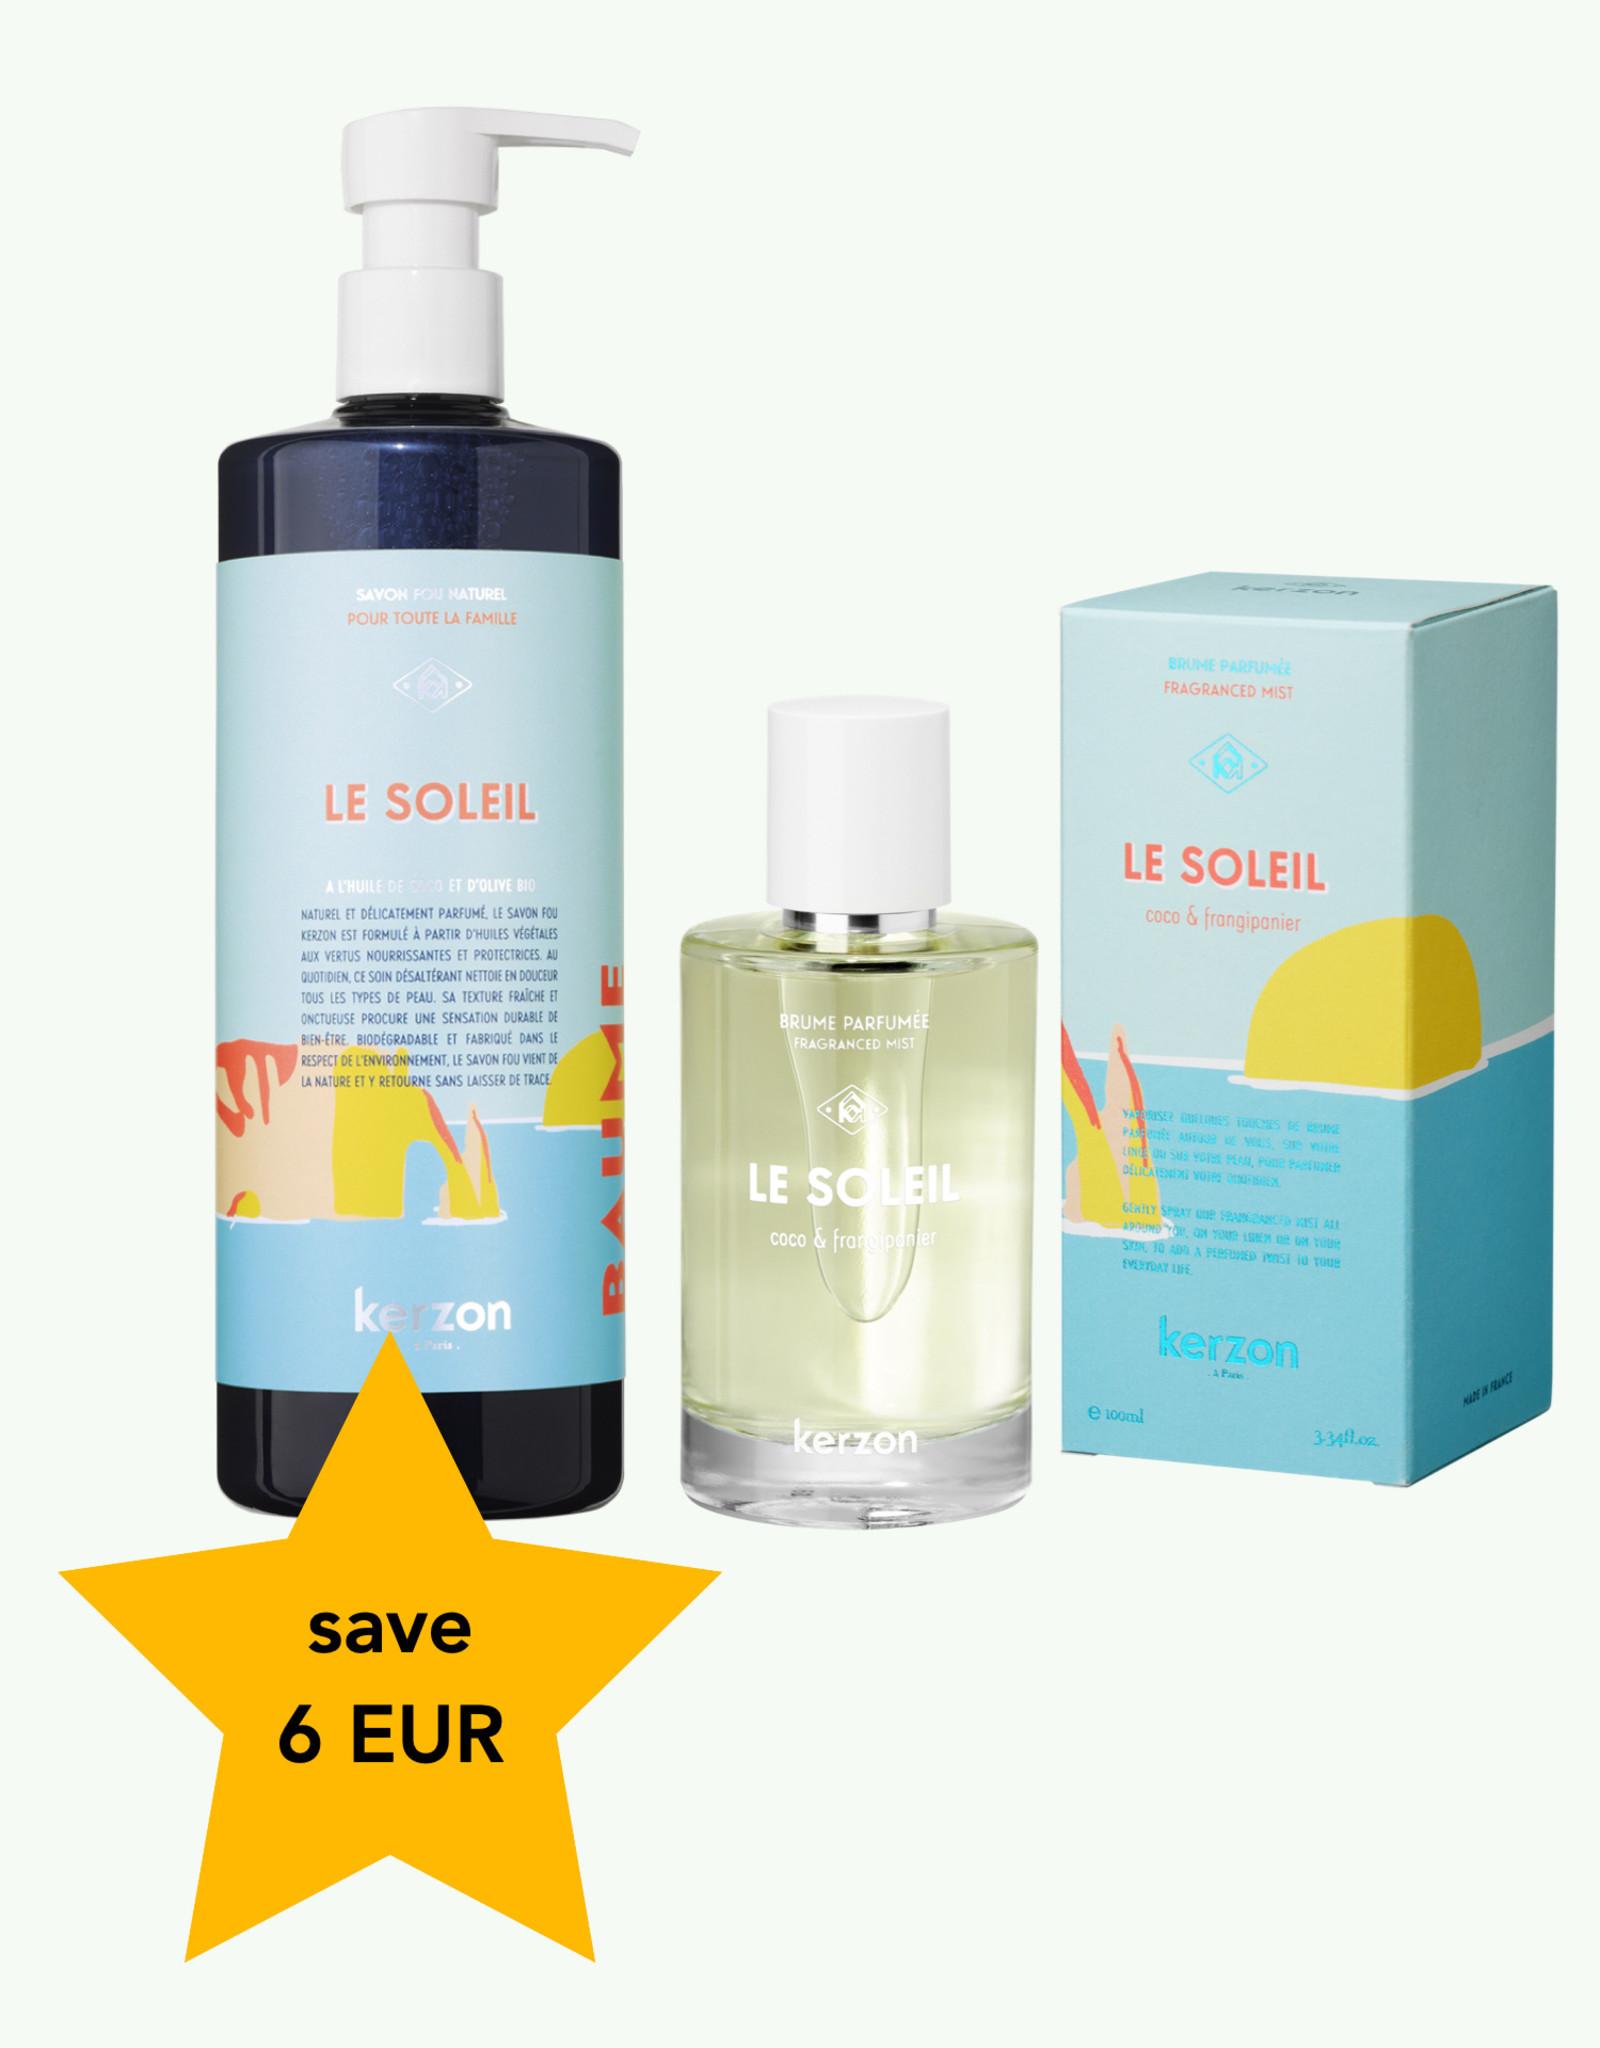 Kerzon Duo Le Soleil Scented Mist & Liquid Soap - Kerzon